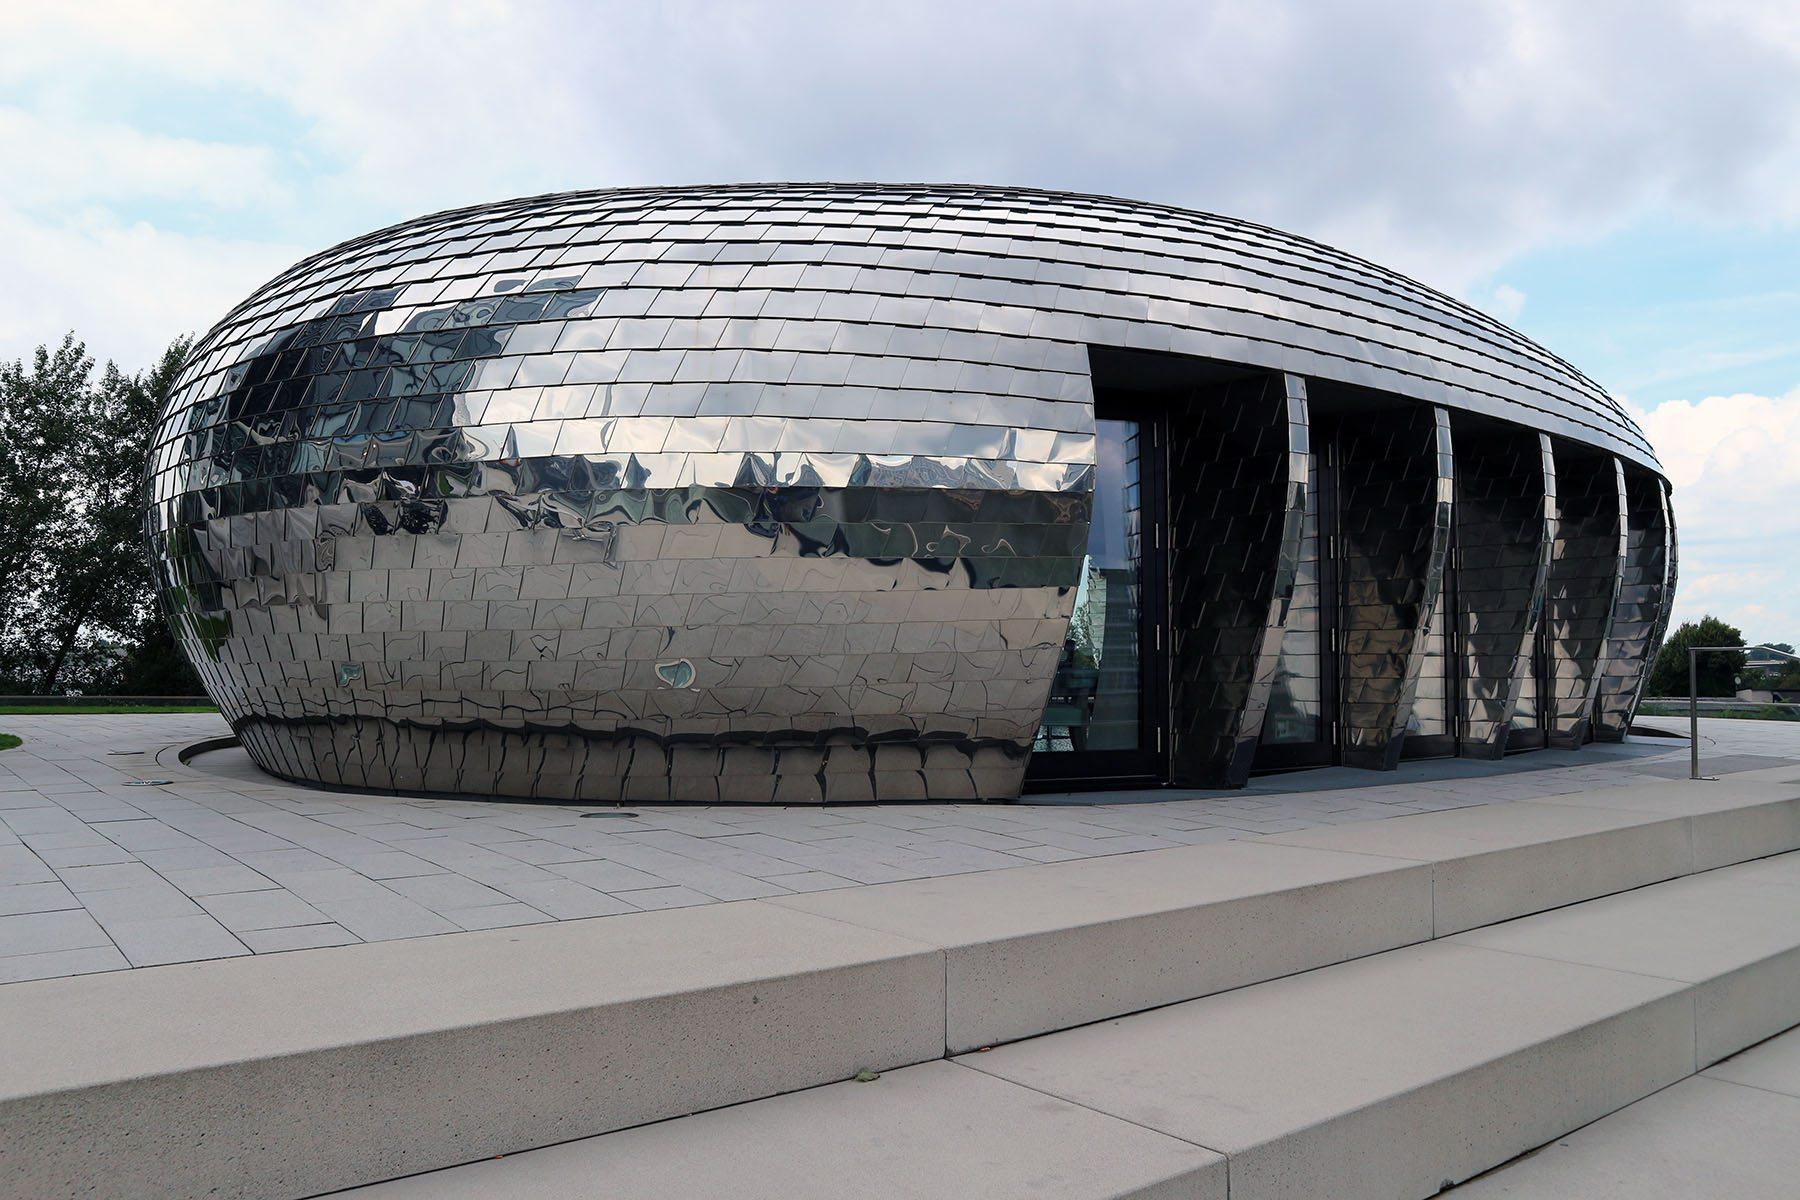 """Raumschiff.  Im ufo-ähnlichen und mit Aluschindeln verkleideten Pavillon (sop architekten) befindet sich die Lounge """"Pebble's"""". sop architekten sind auch für den entstehenden trivago campus verantwortlich."""